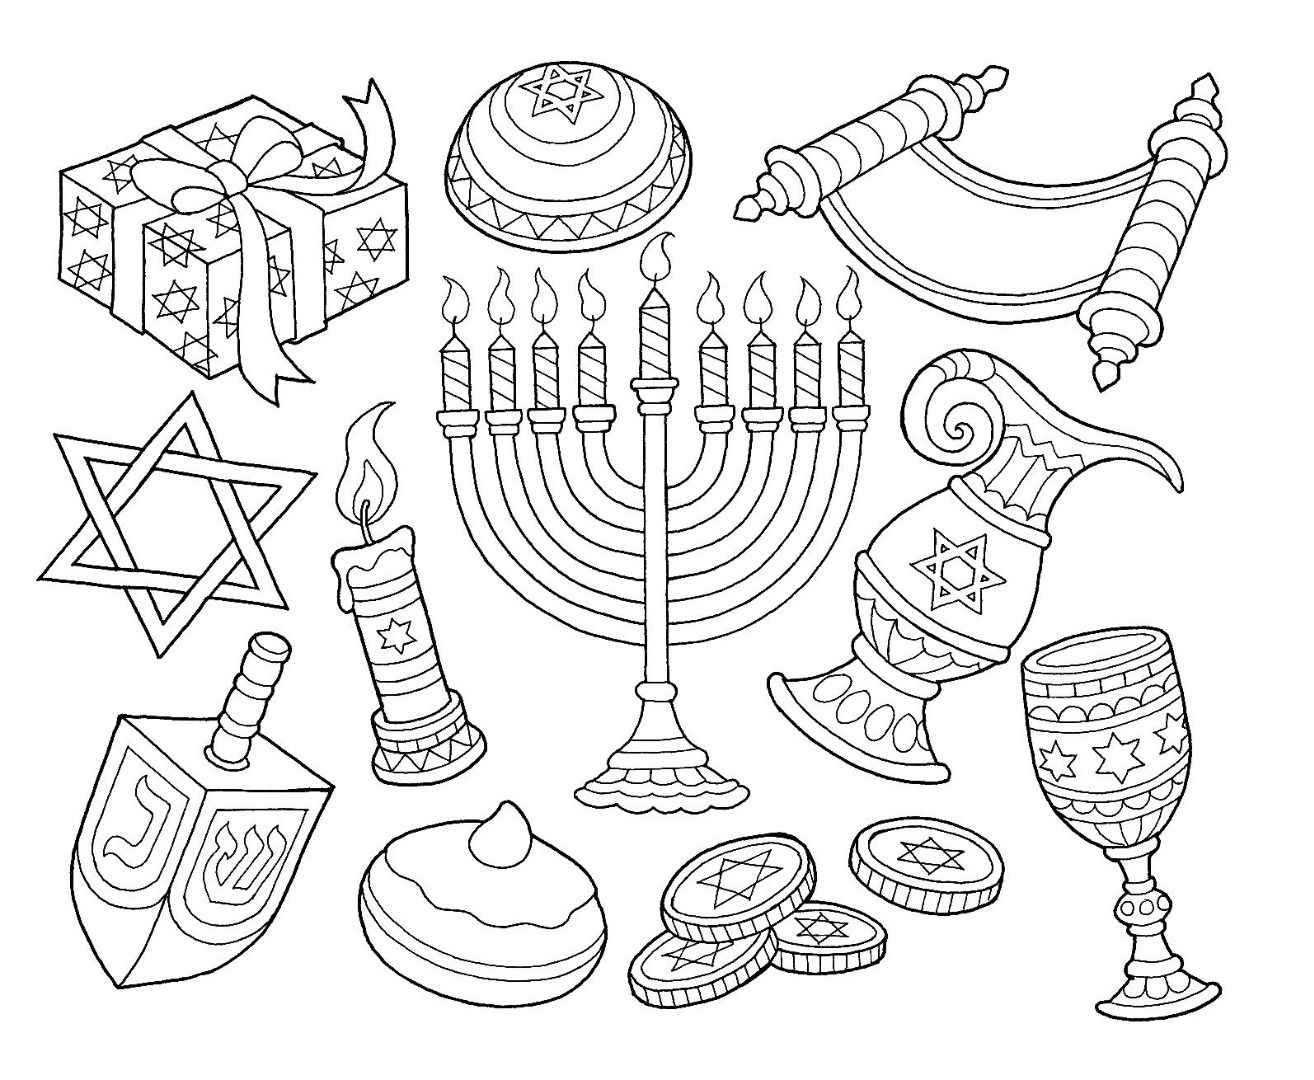 Hanukkah Menorah Dreidel Goblet Coin Coloring Page Hanukkah Art